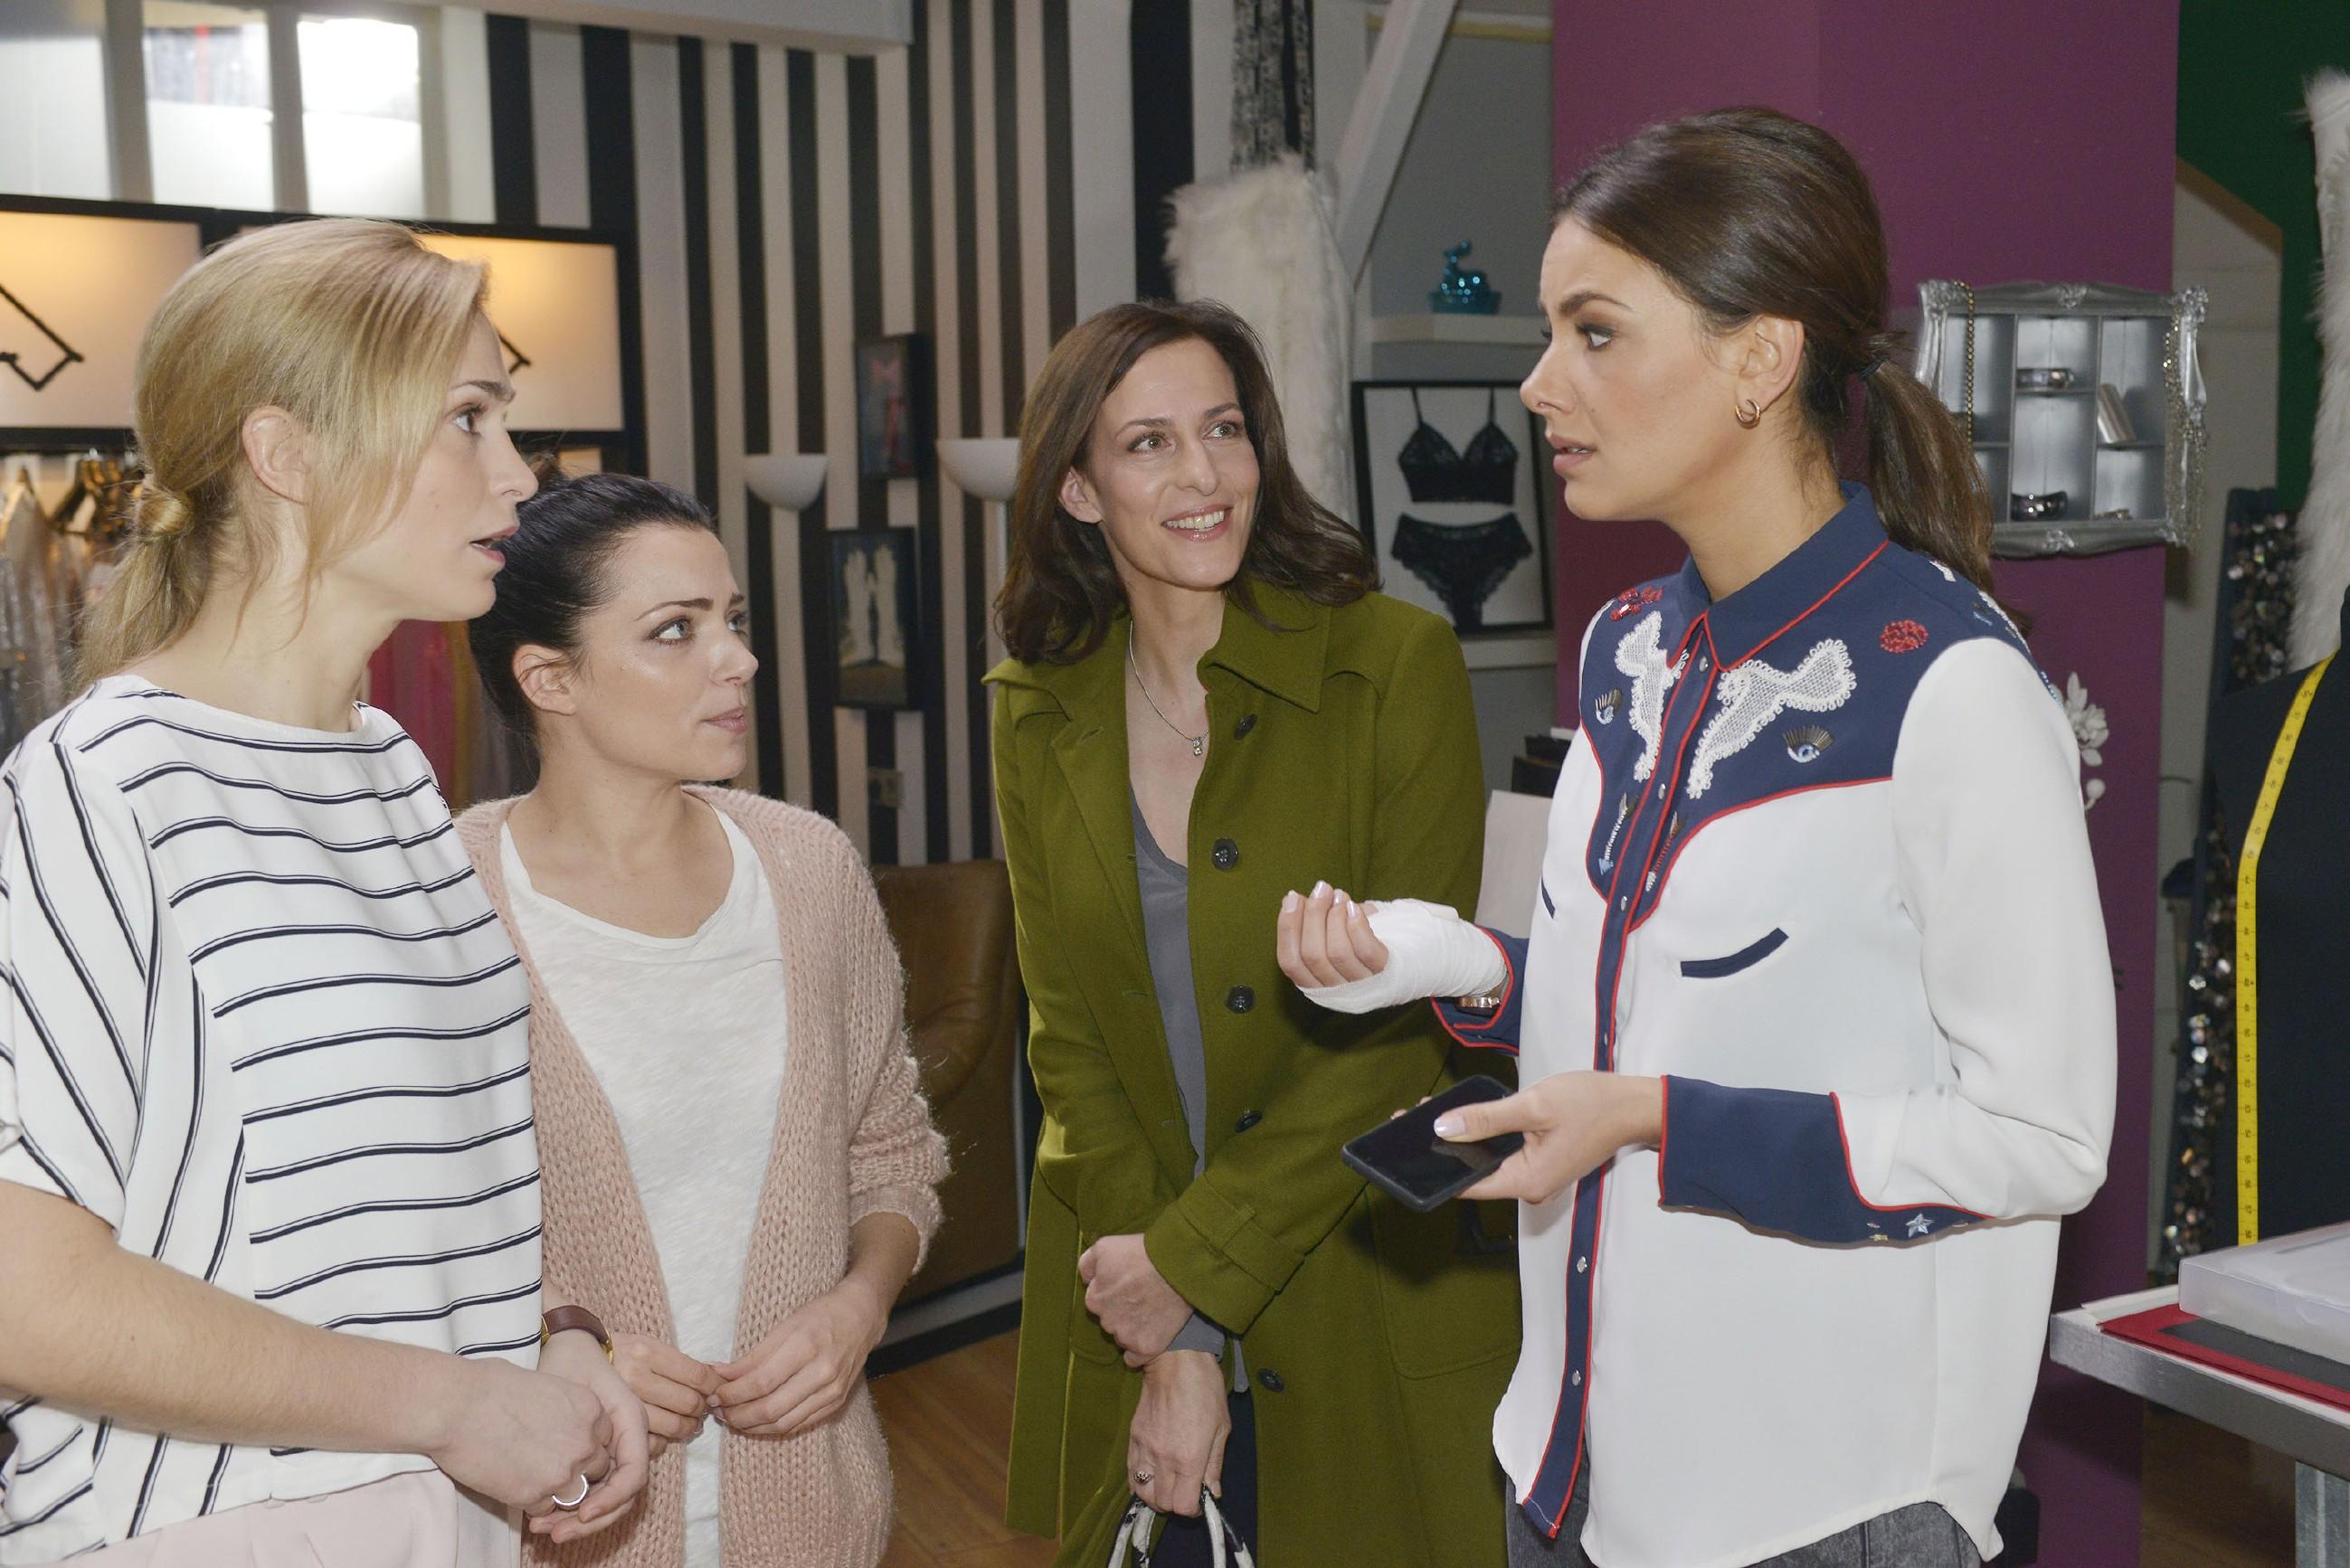 Die völlig überraschte Jasmin (Janina Uhse, r.) erzählt (v.l.) Sophie (Lea Marlen Woitack), Emily (Anne Menden) und Katrin (Ulrike Frank), dass ein renommiertes Modelabel sie kennenlernen will. (Quelle: RTL / Rolf Baumgartner)